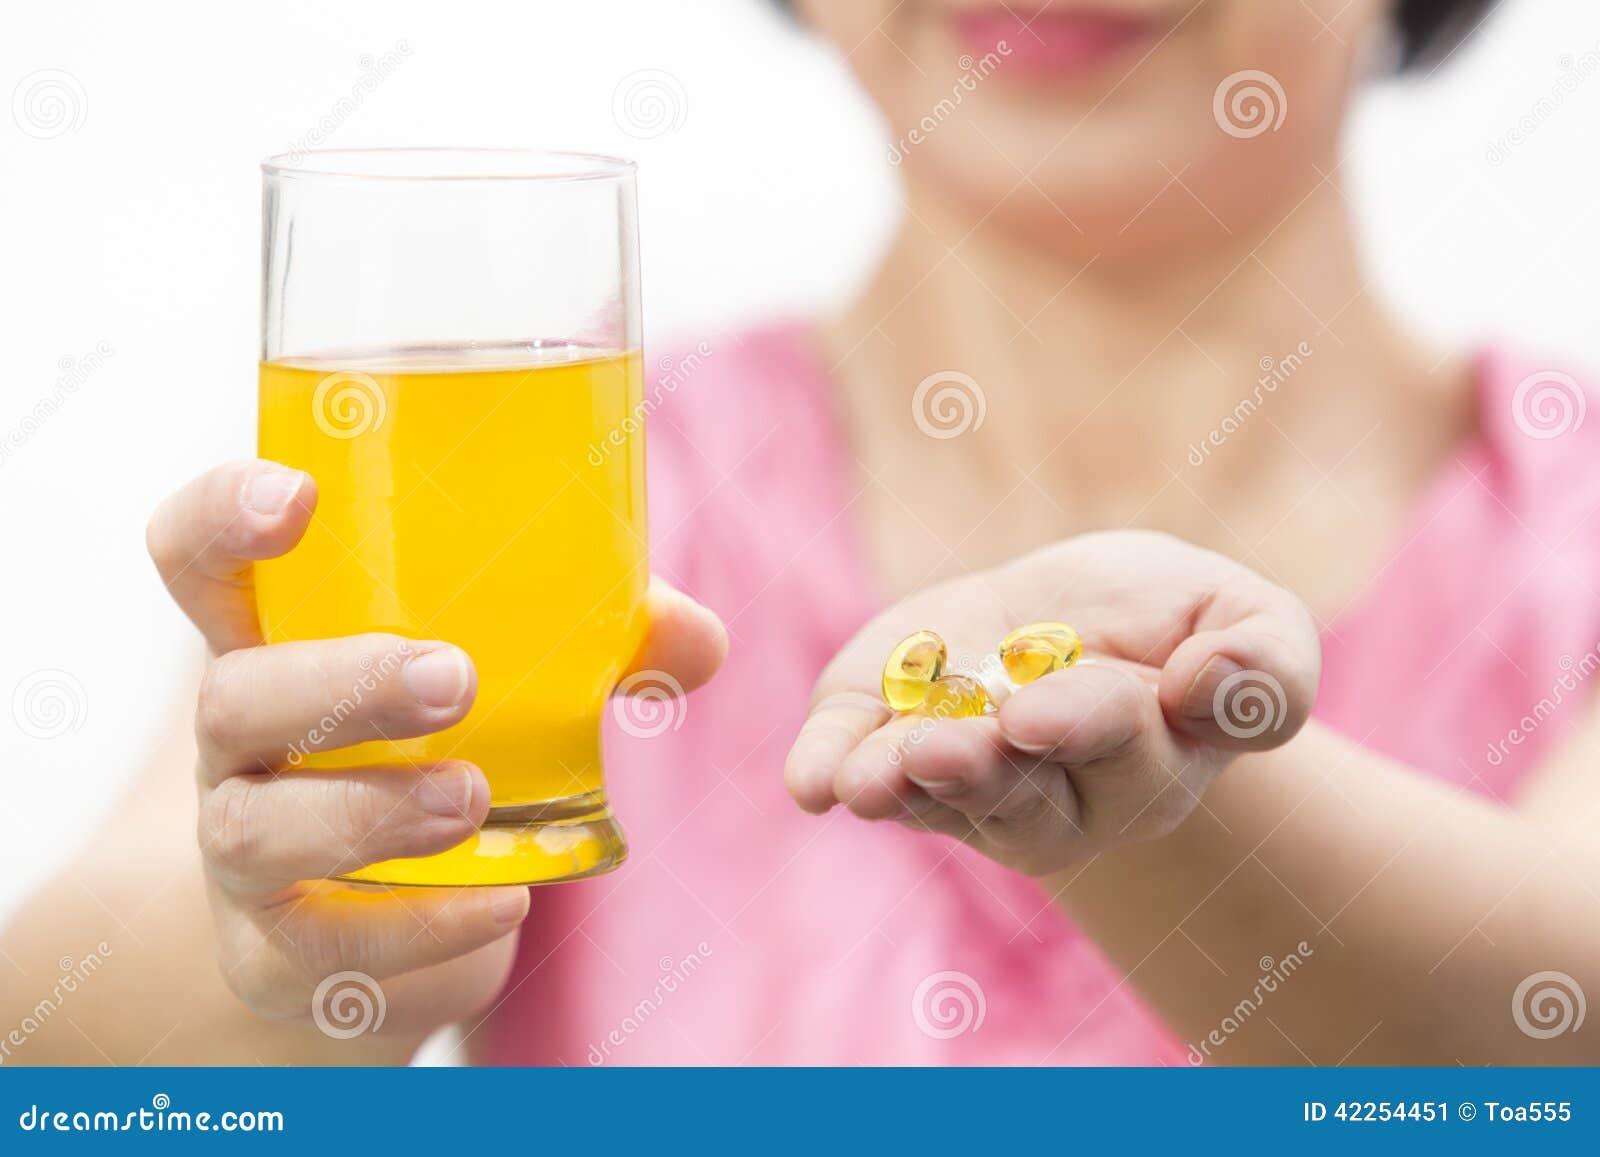 Πετρέλαιο συκωτιού βακαλάων και διαιτητικό συμπλήρωμα κολλαγόνων στο γυαλί για το ποτό